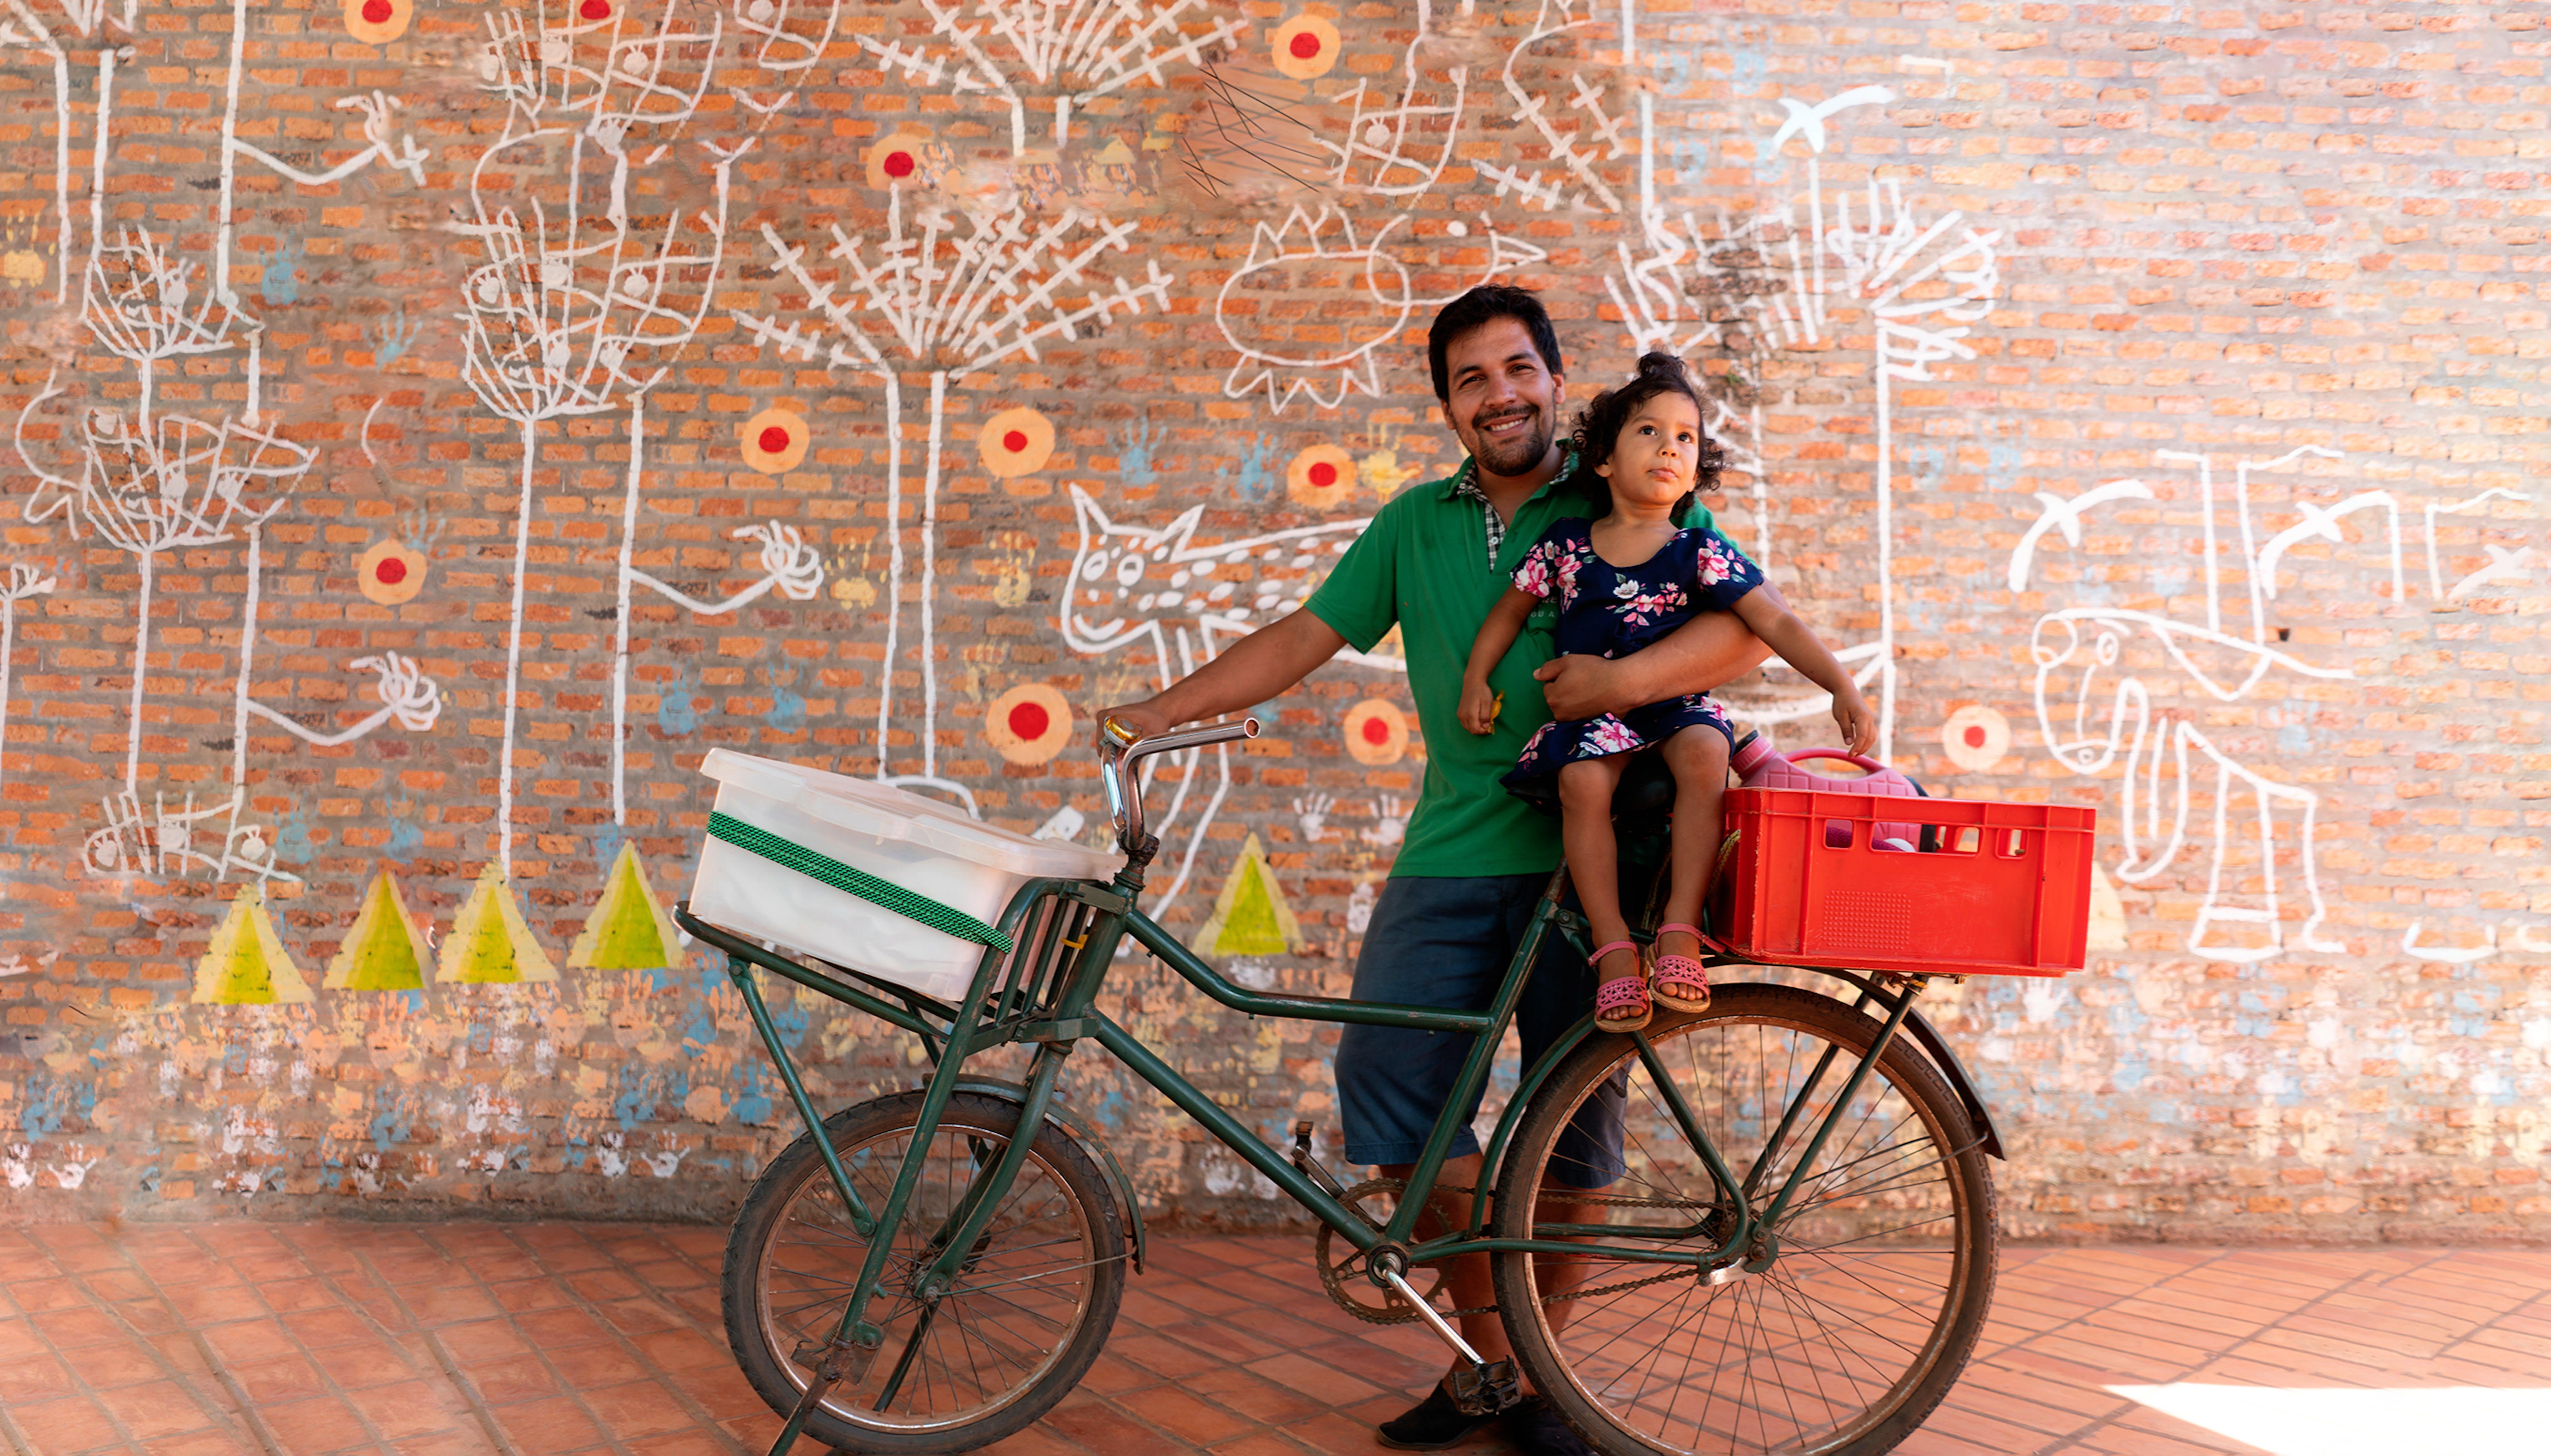 Paraguay. Rafael tiene in braccio sua figlia , 2 anni, seduta sulla bici che lui e sua moglie utilizzano per spostarsi e per consegnare il pane a lavoro